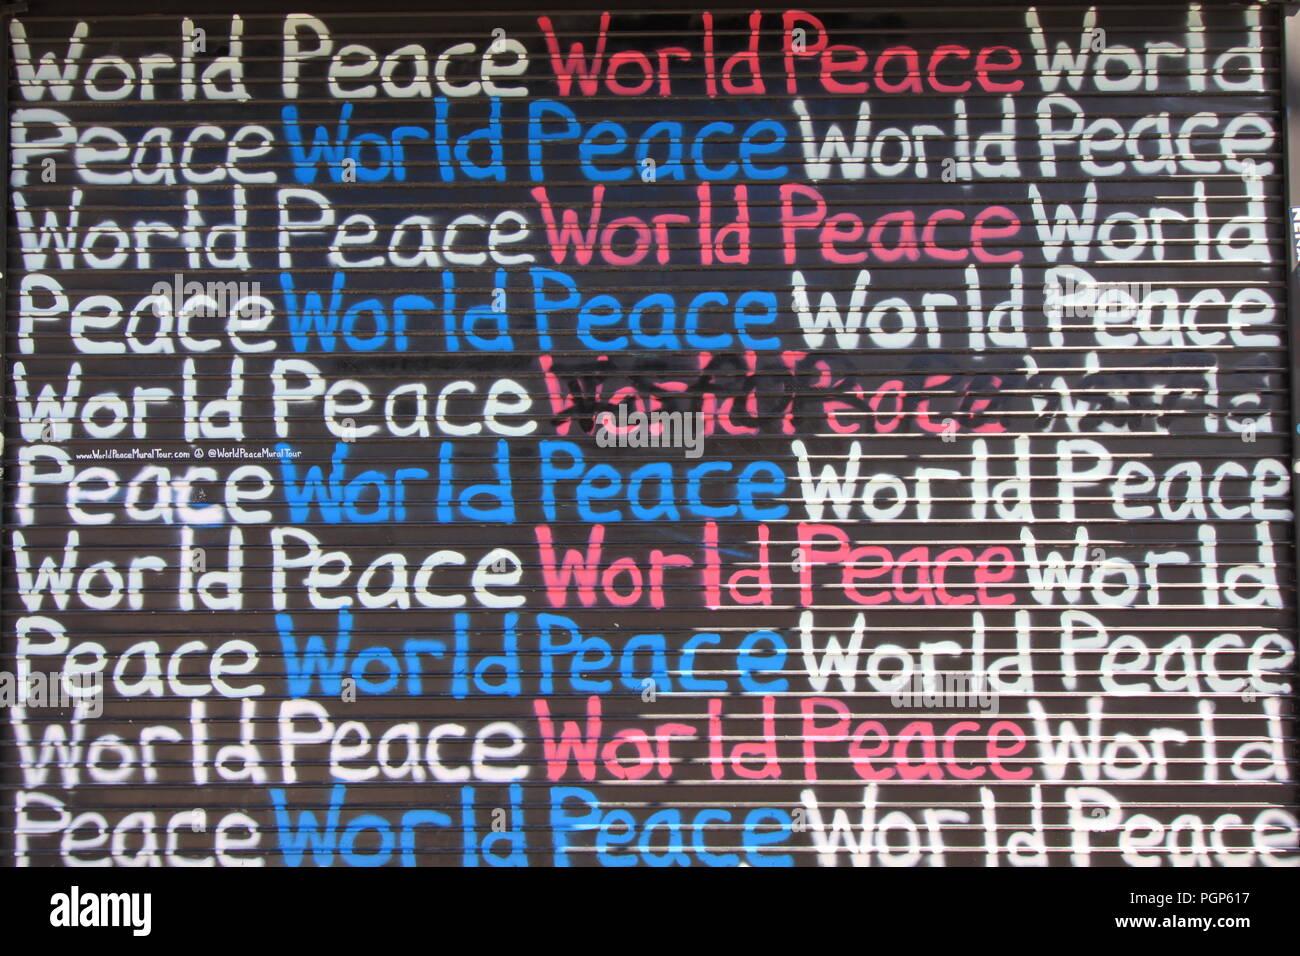 La pace nel mondo carta murale in Design District Miami Florida Immagini Stock